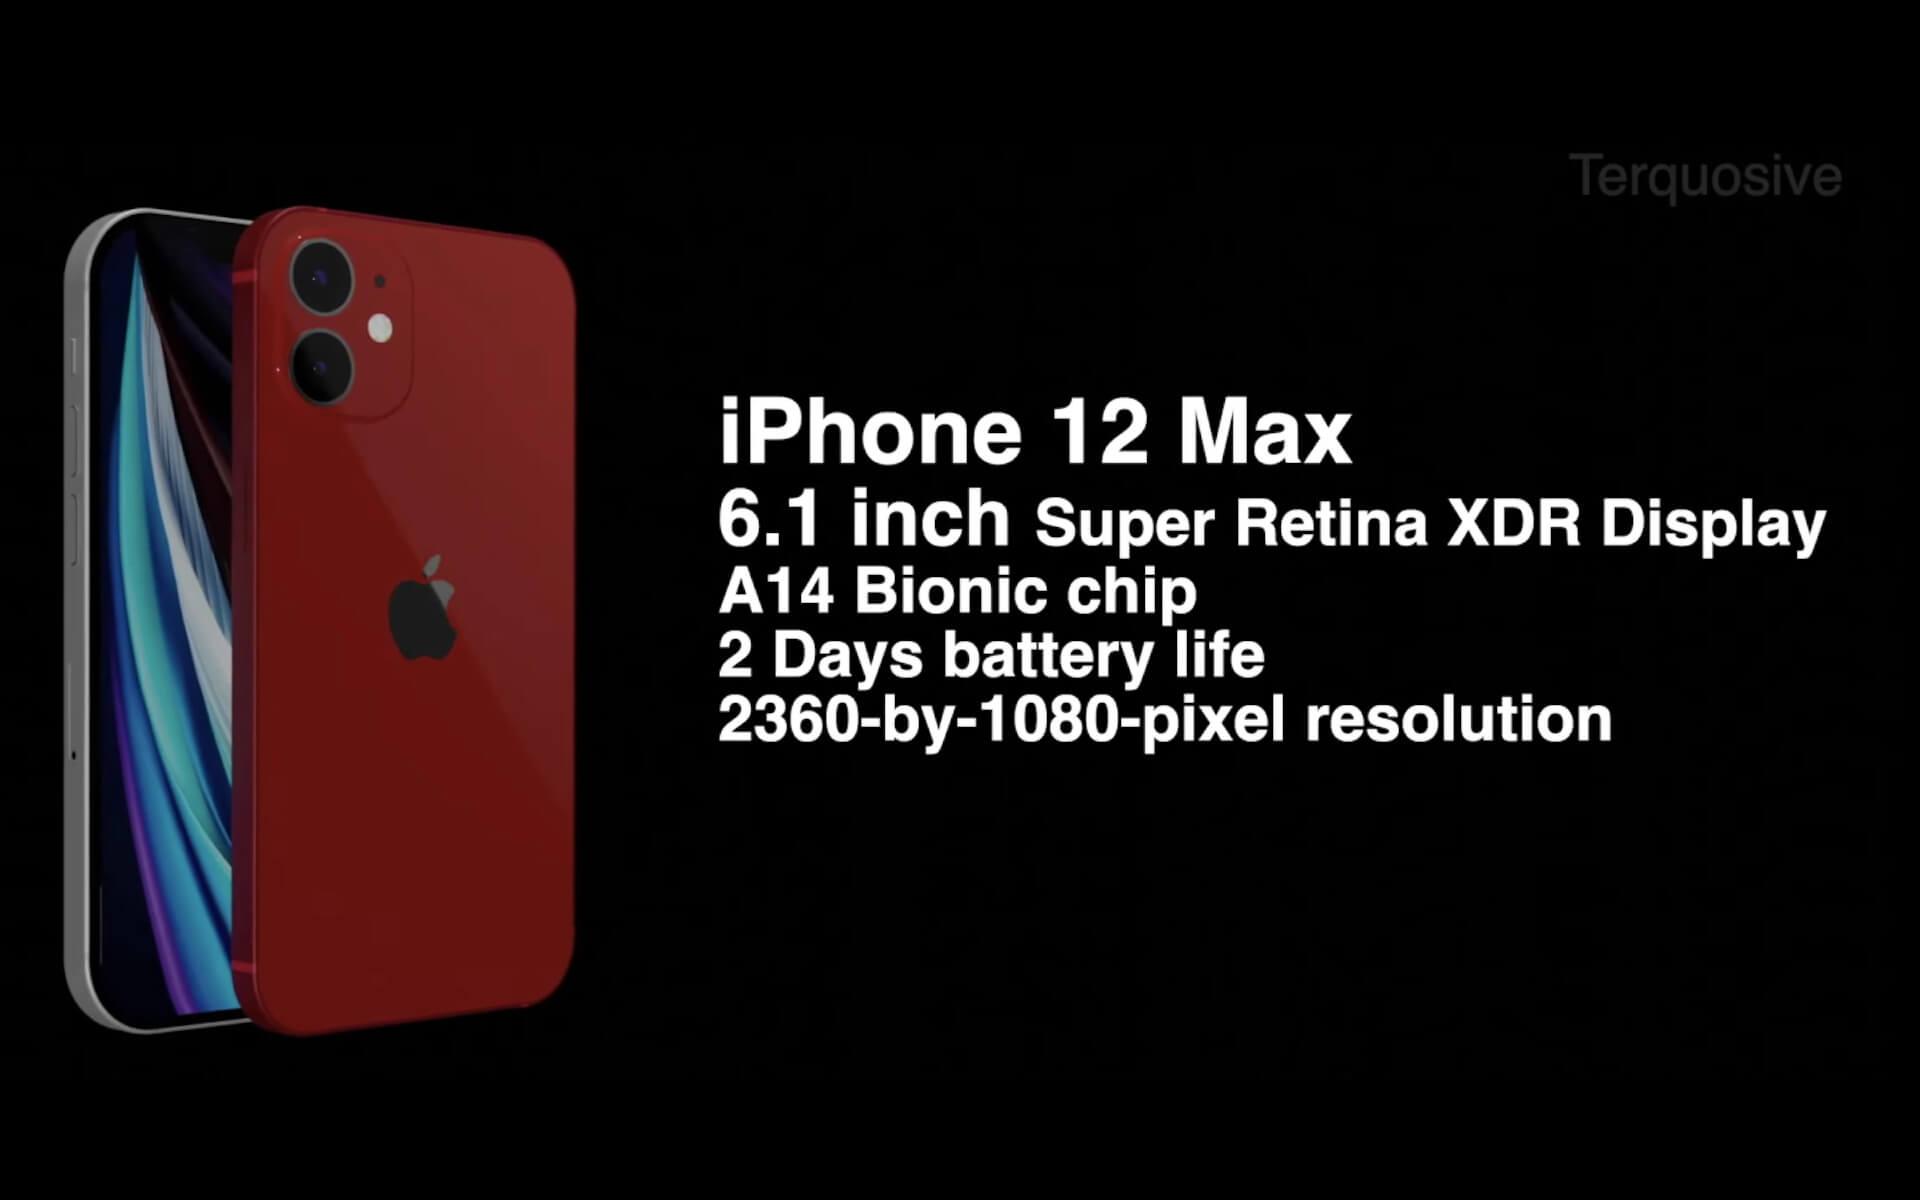 iPhone 12&12 Maxはこんな性能に?これまでの情報をまとめたコンセプト映像が公開 tech200713_iphone12_2